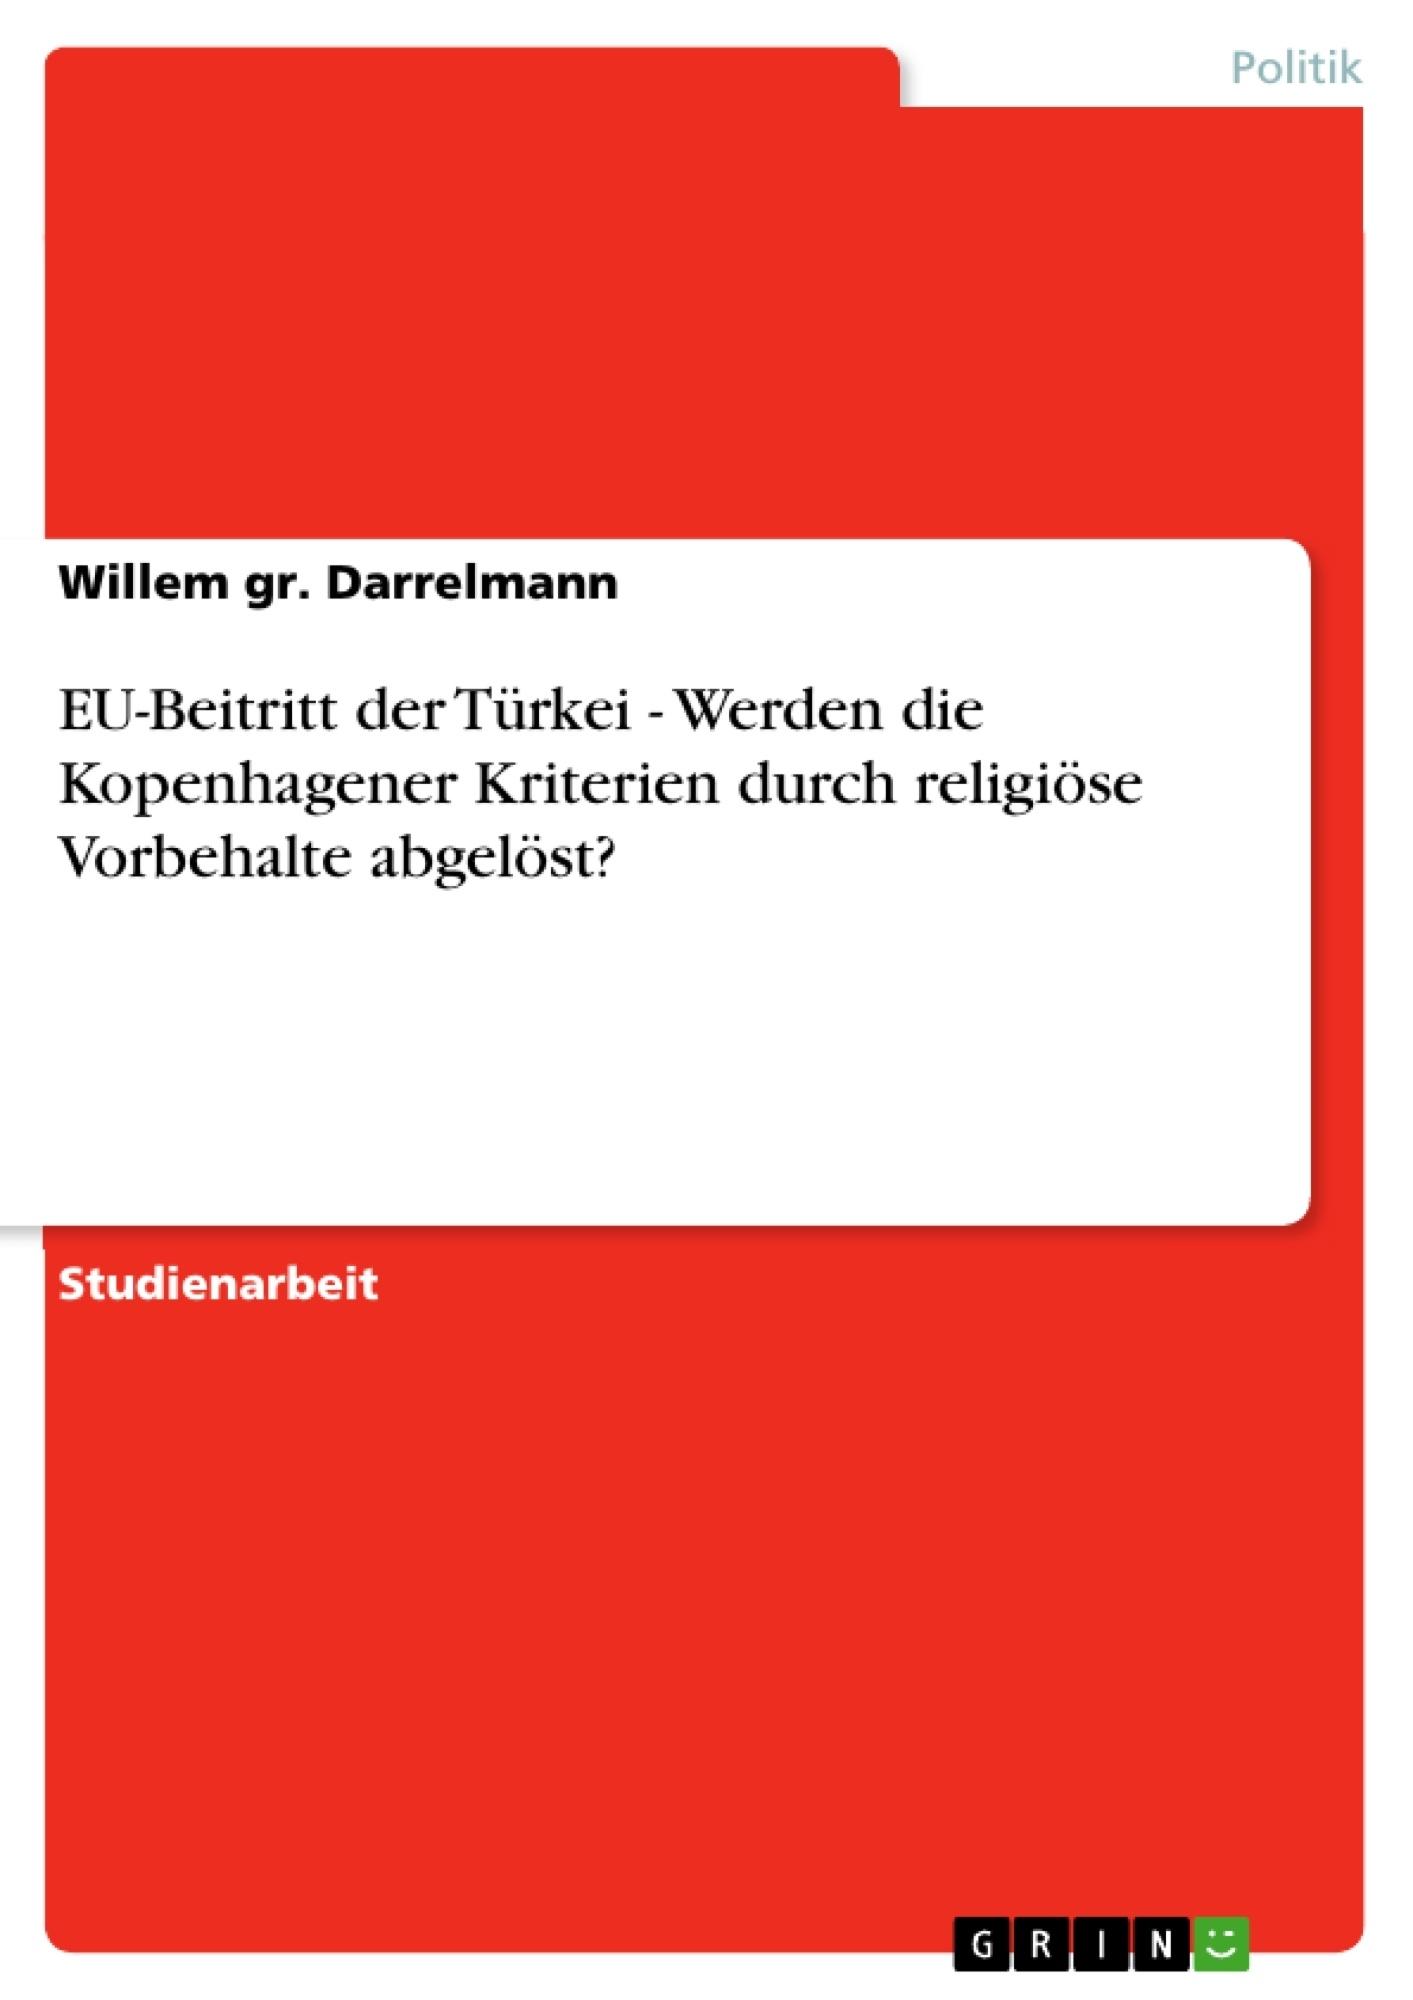 Titel: EU-Beitritt der Türkei - Werden die Kopenhagener Kriterien durch religiöse Vorbehalte abgelöst?